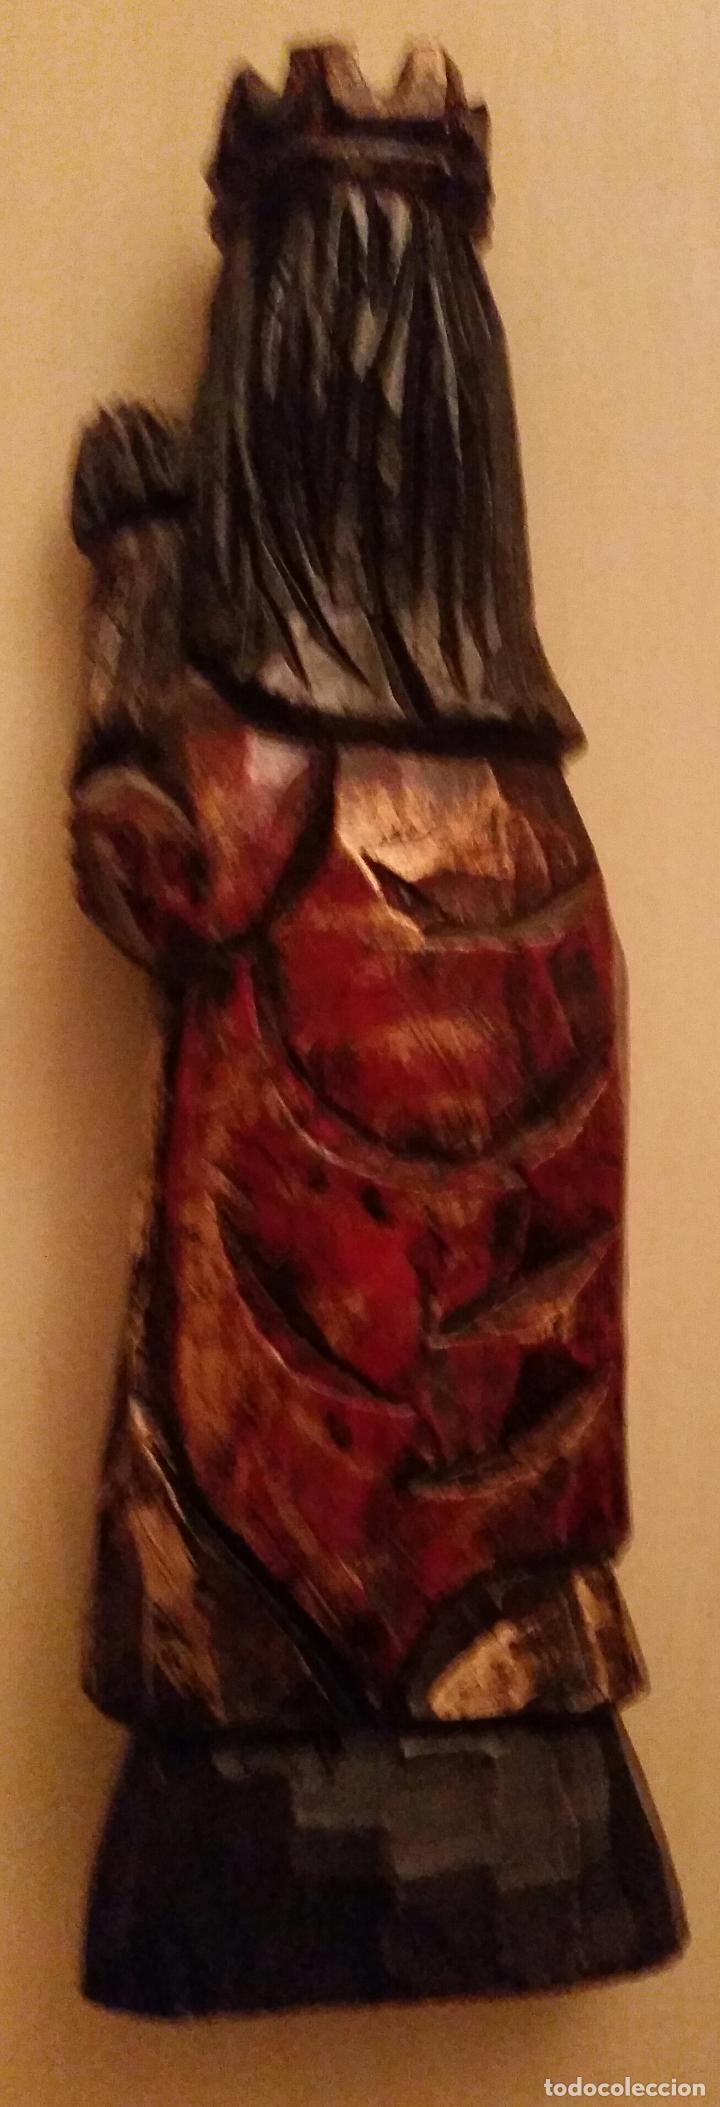 Antigüedades: ANTIGUA TALLA EN MADERA MACIZA DE VIRGEN CON NIÑO (AÑOS 50) - Foto 3 - 47356003